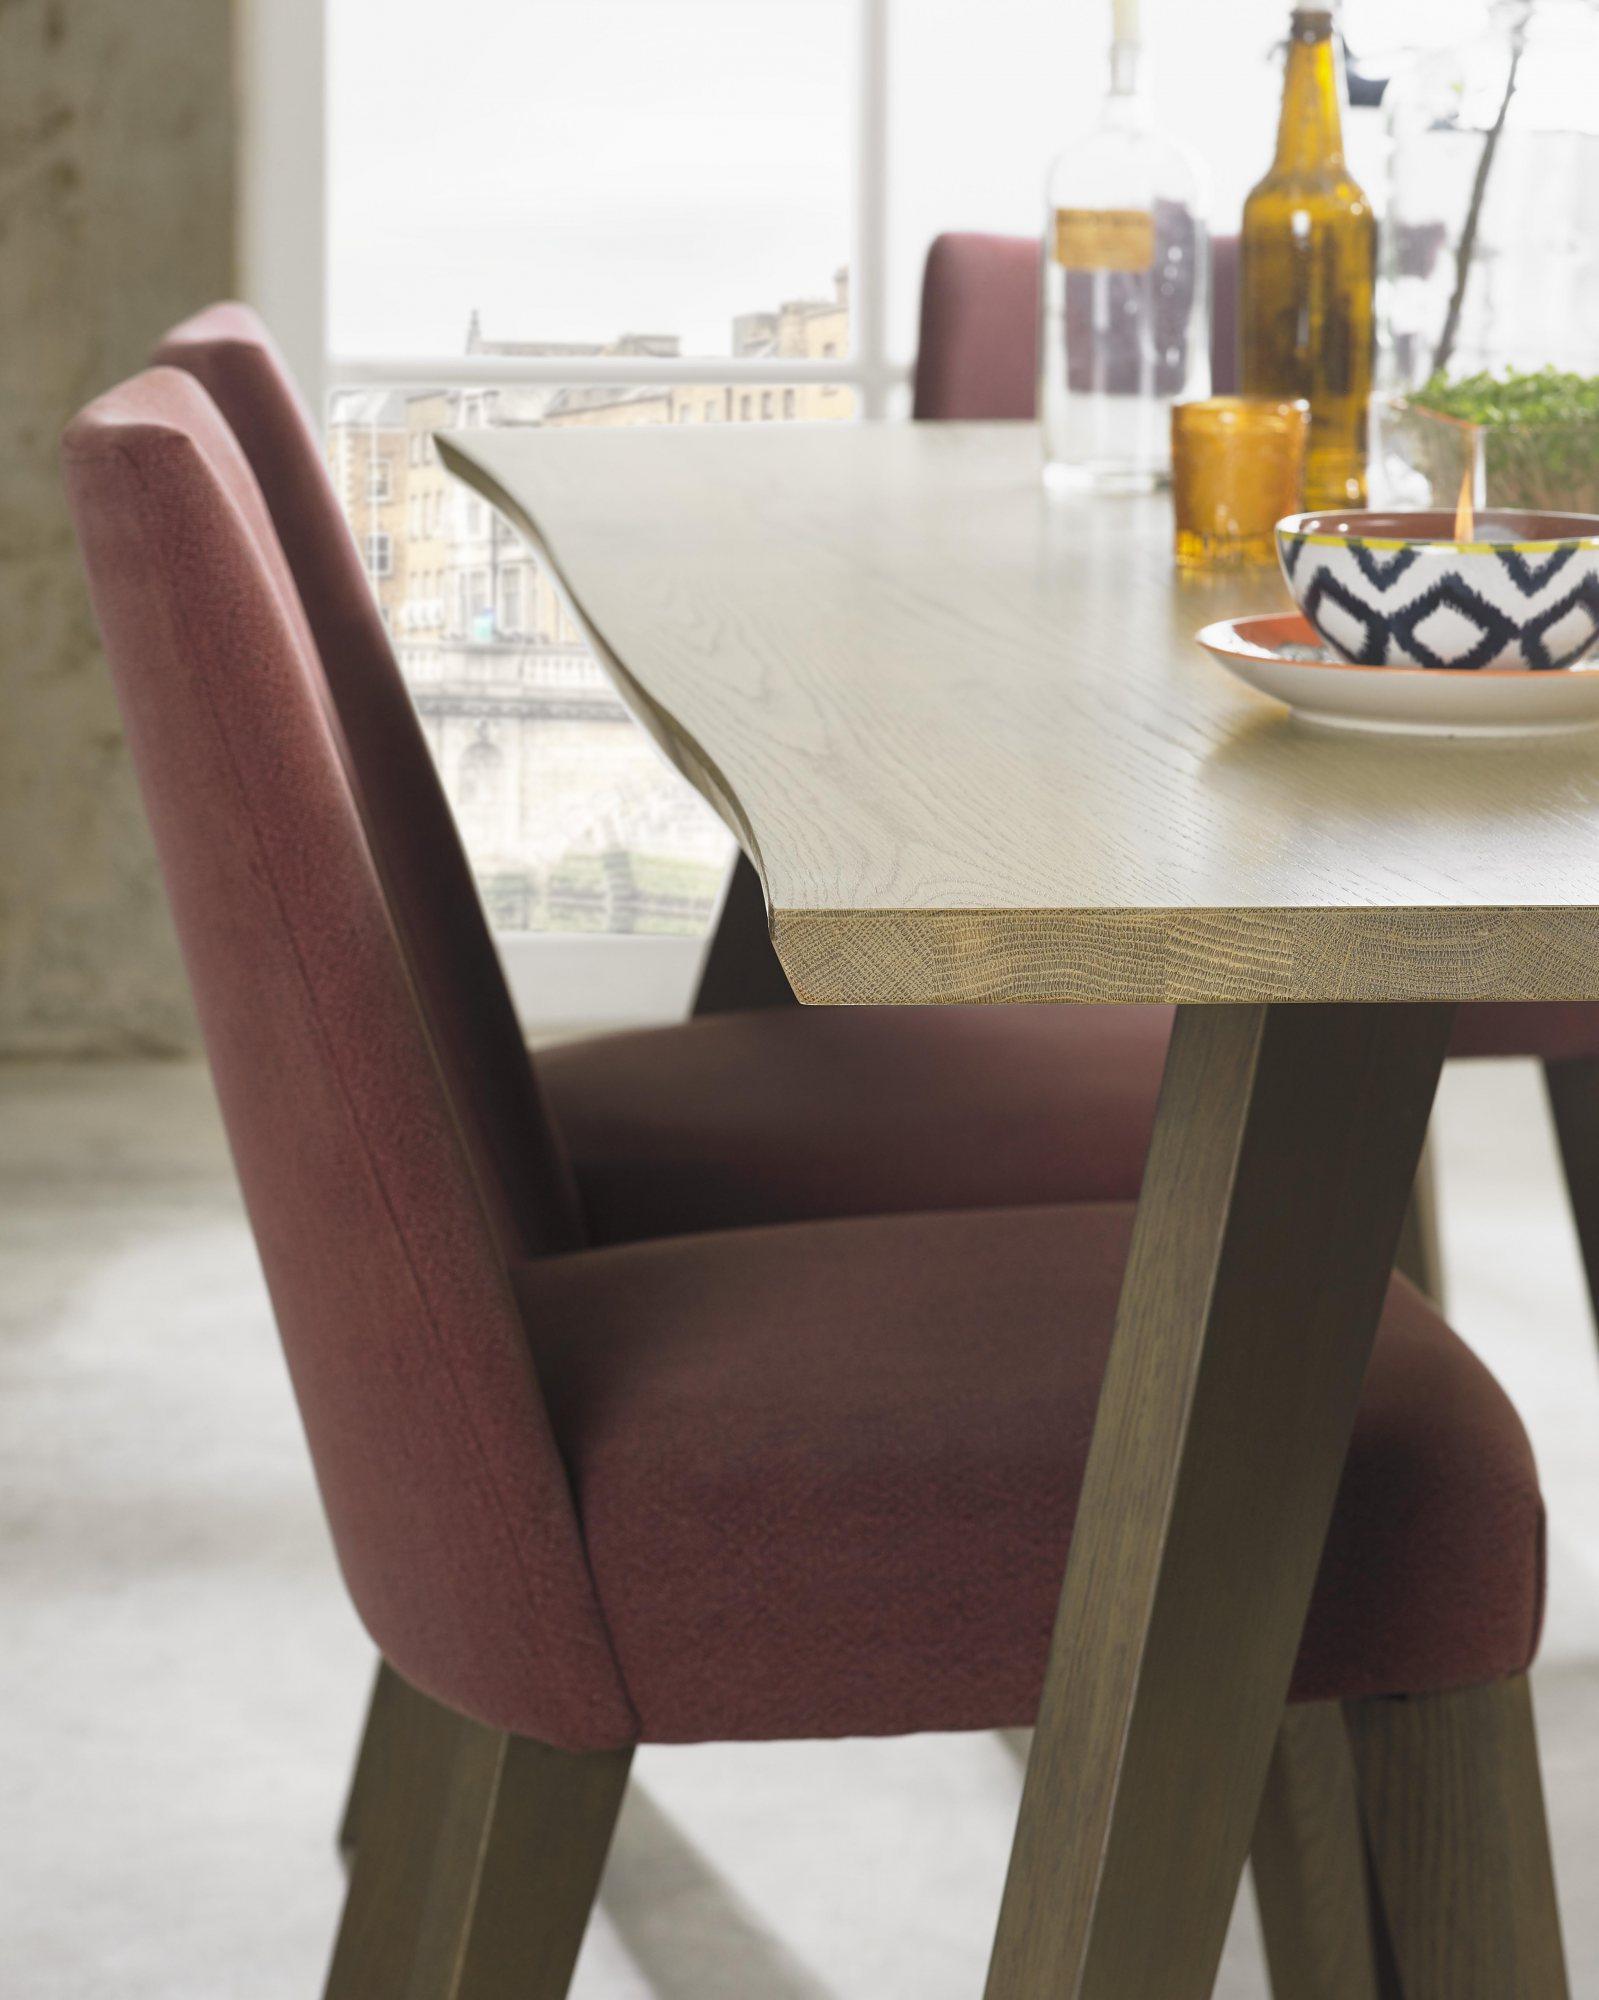 TABLE EDGE PROFILE